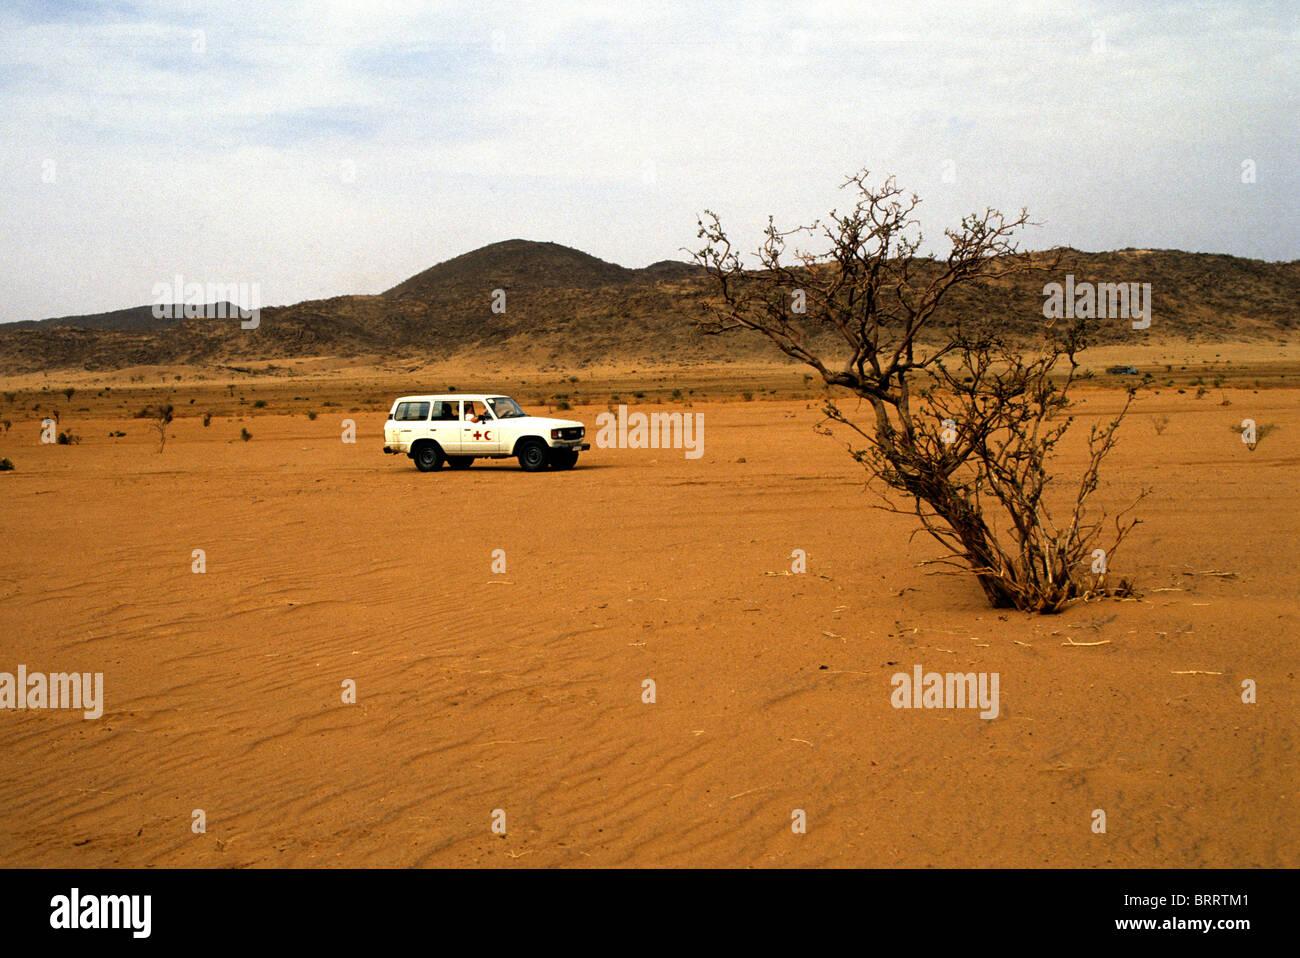 La carestia nella regione del Darfur del Sudan, 1985. La Croce Rossa e Mezzaluna Rossa incrocio veicolo deserto Immagini Stock